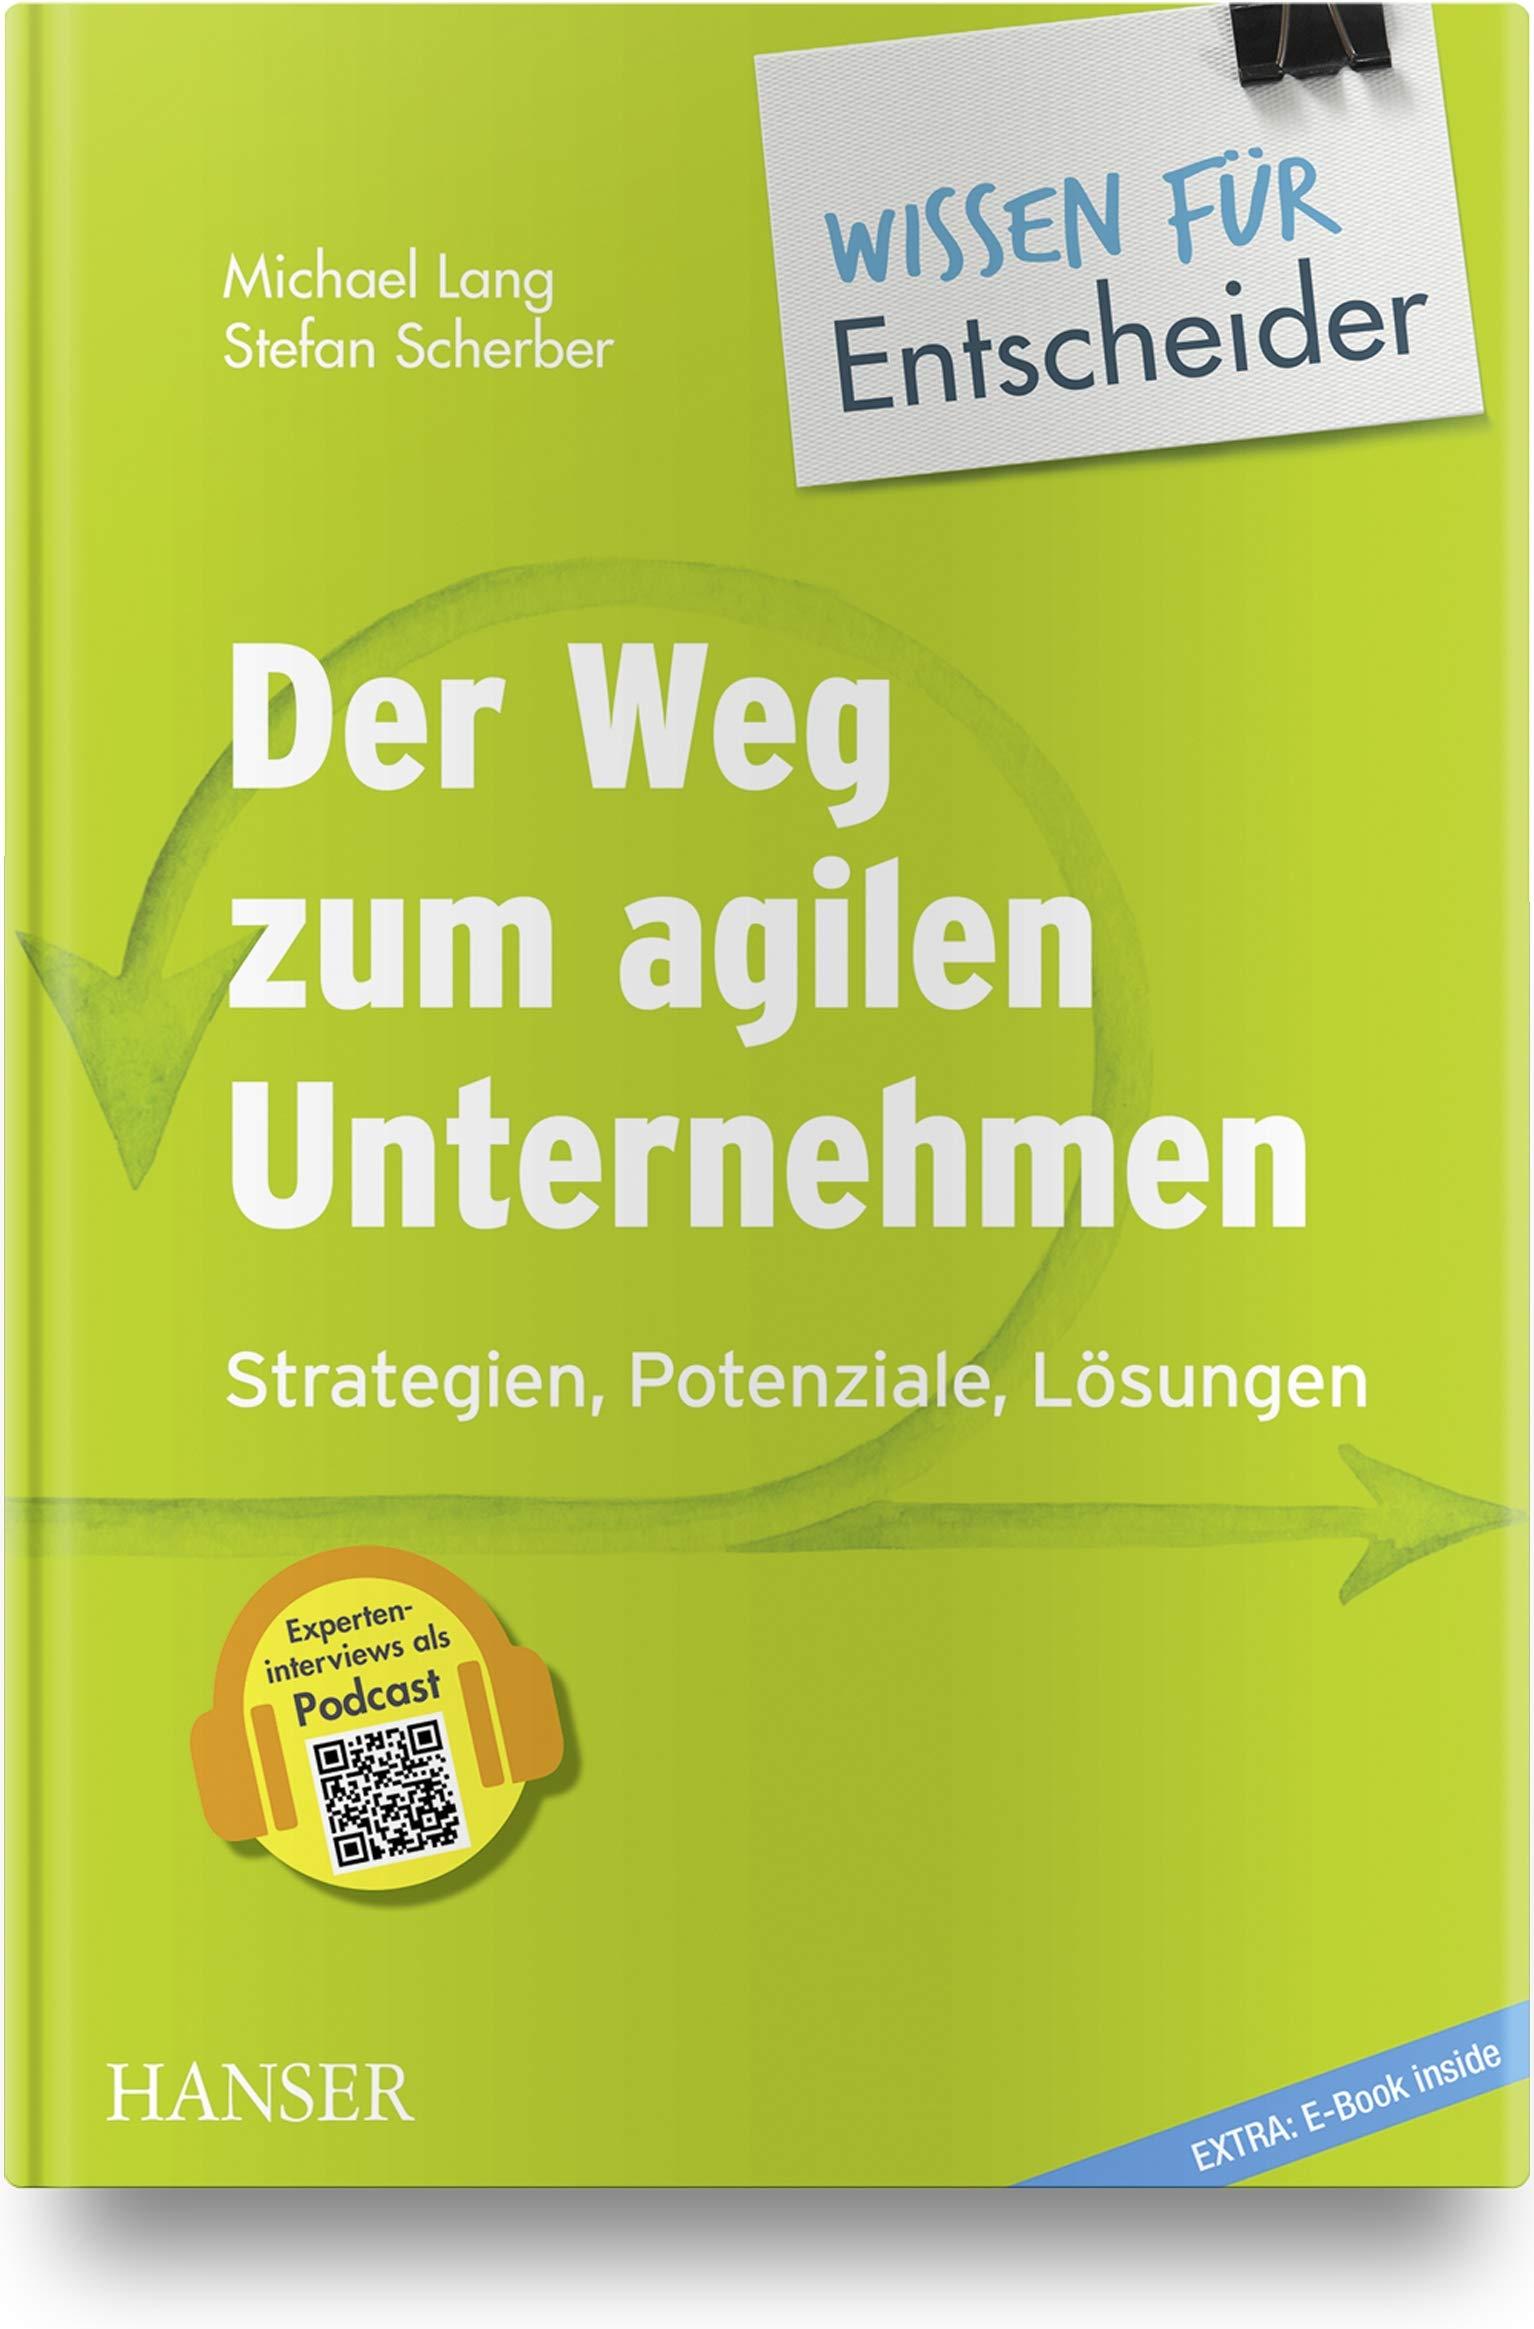 Der_Weg_zum_digitalen_Unternehmen.jpg